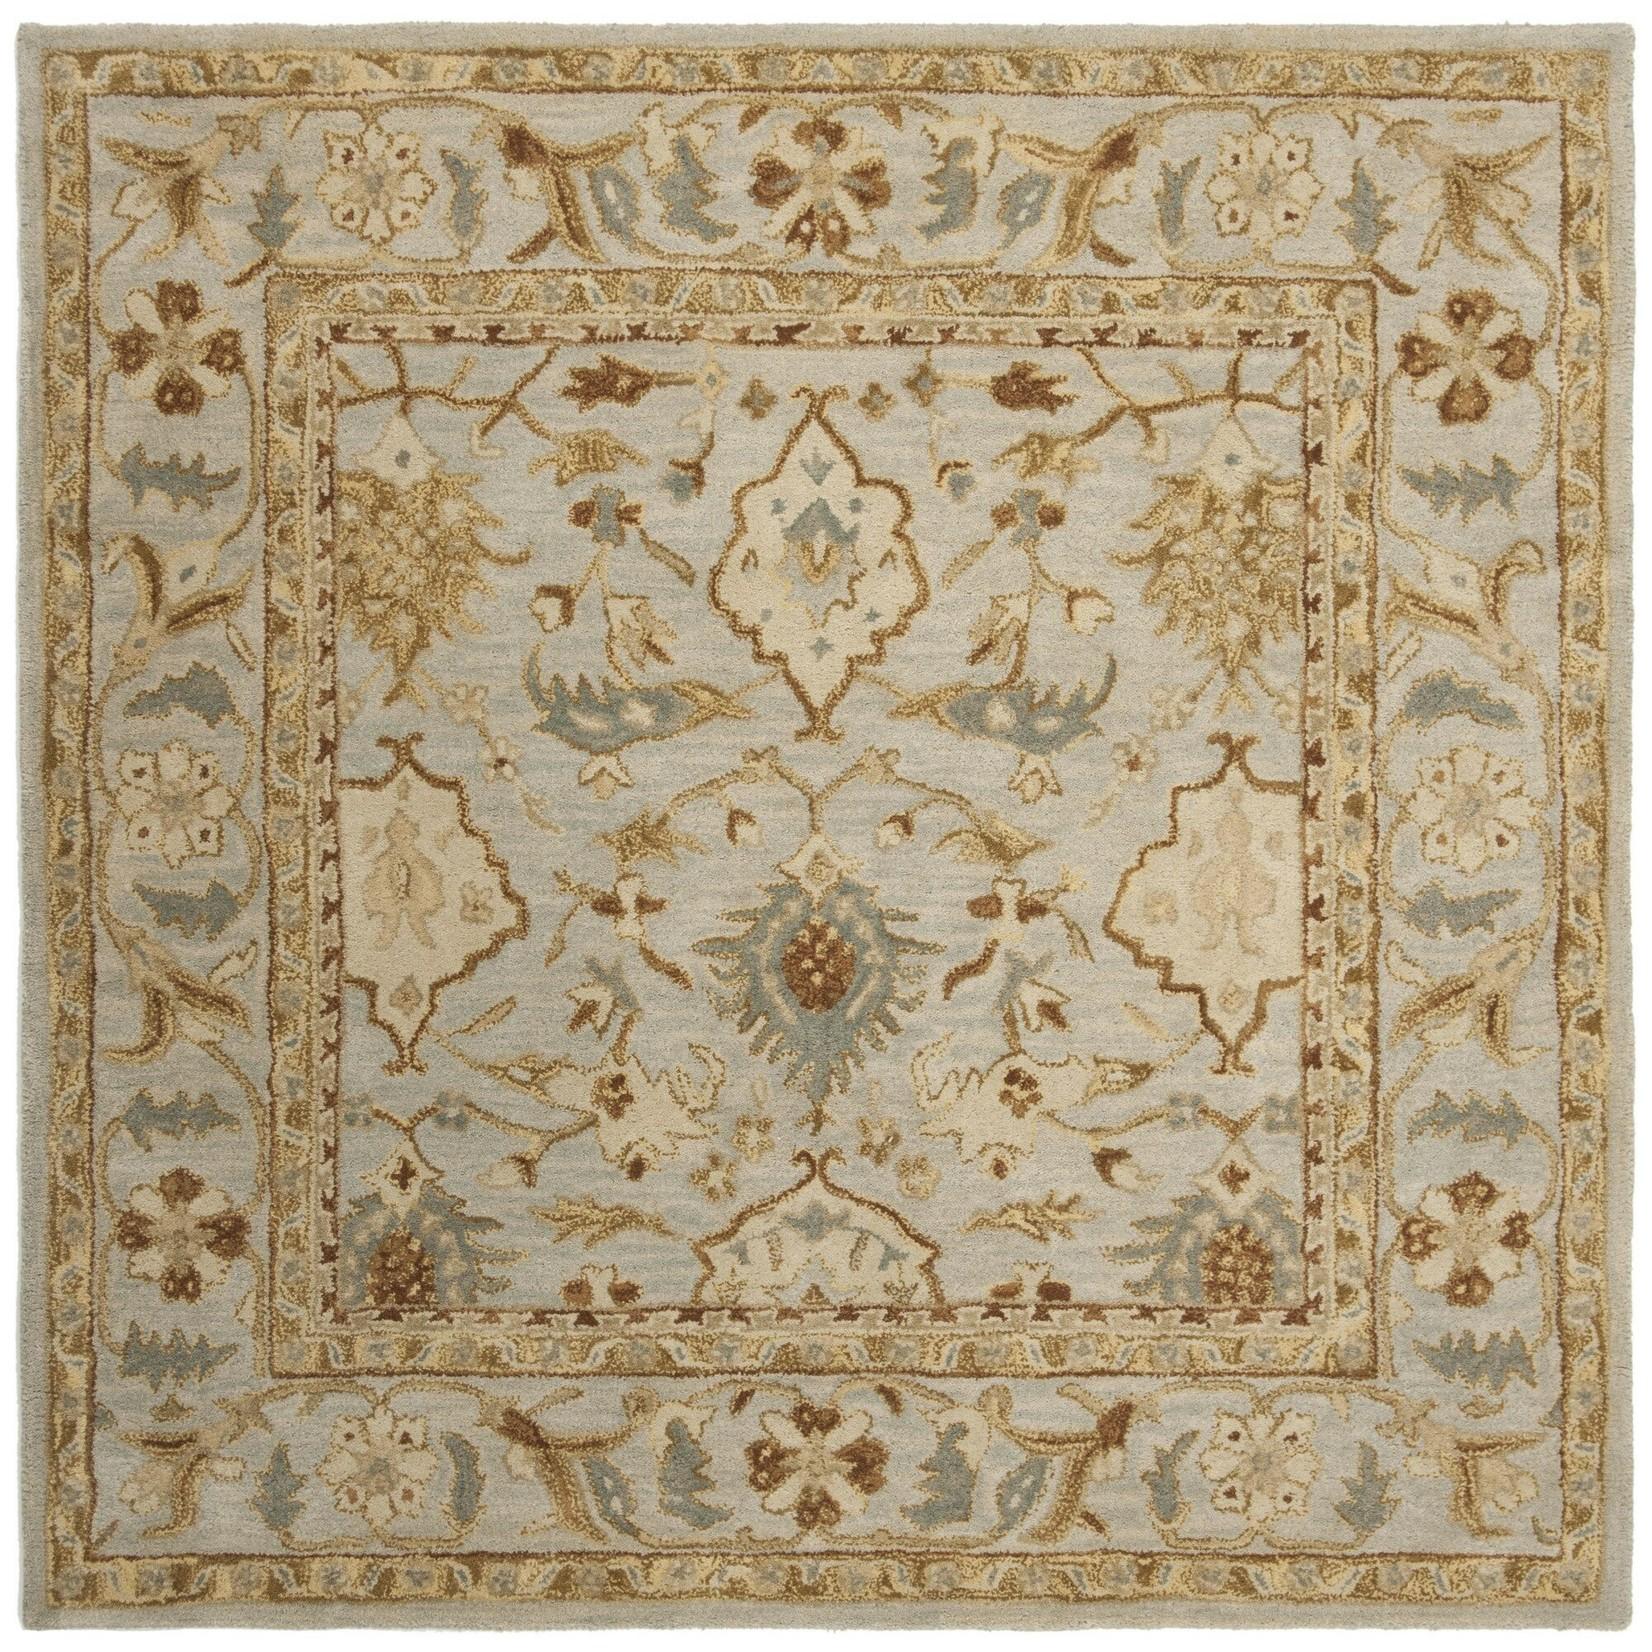 """*9'6"""" x 13'6"""" - Sarasota Oriental Handmade Tufted Wool Blue/Beige Area Rug"""